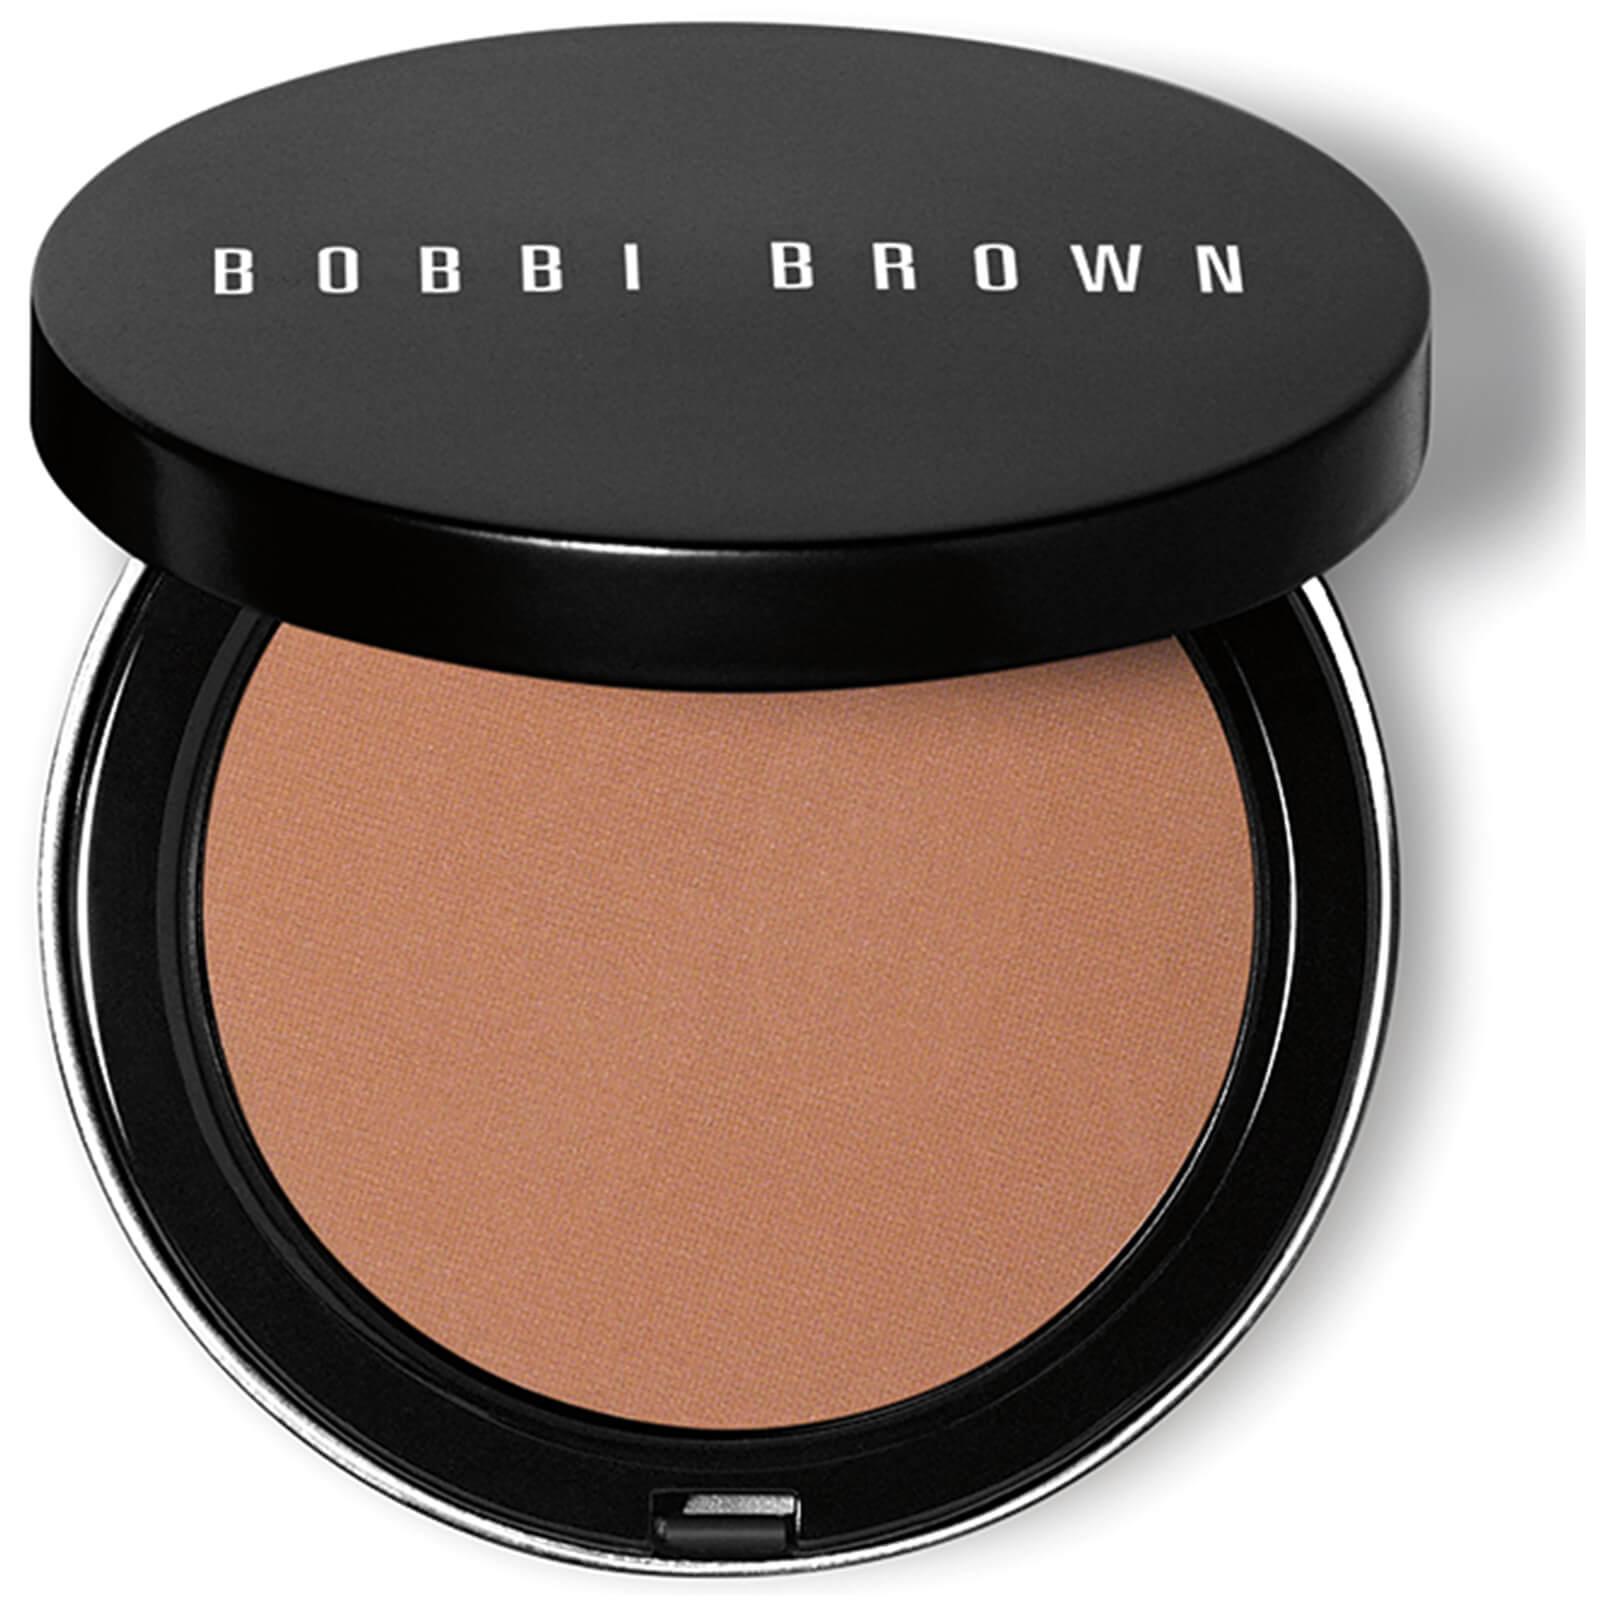 Bobbi Brown Bronzing Powder Various Shades Free Shipping Lookfantastic